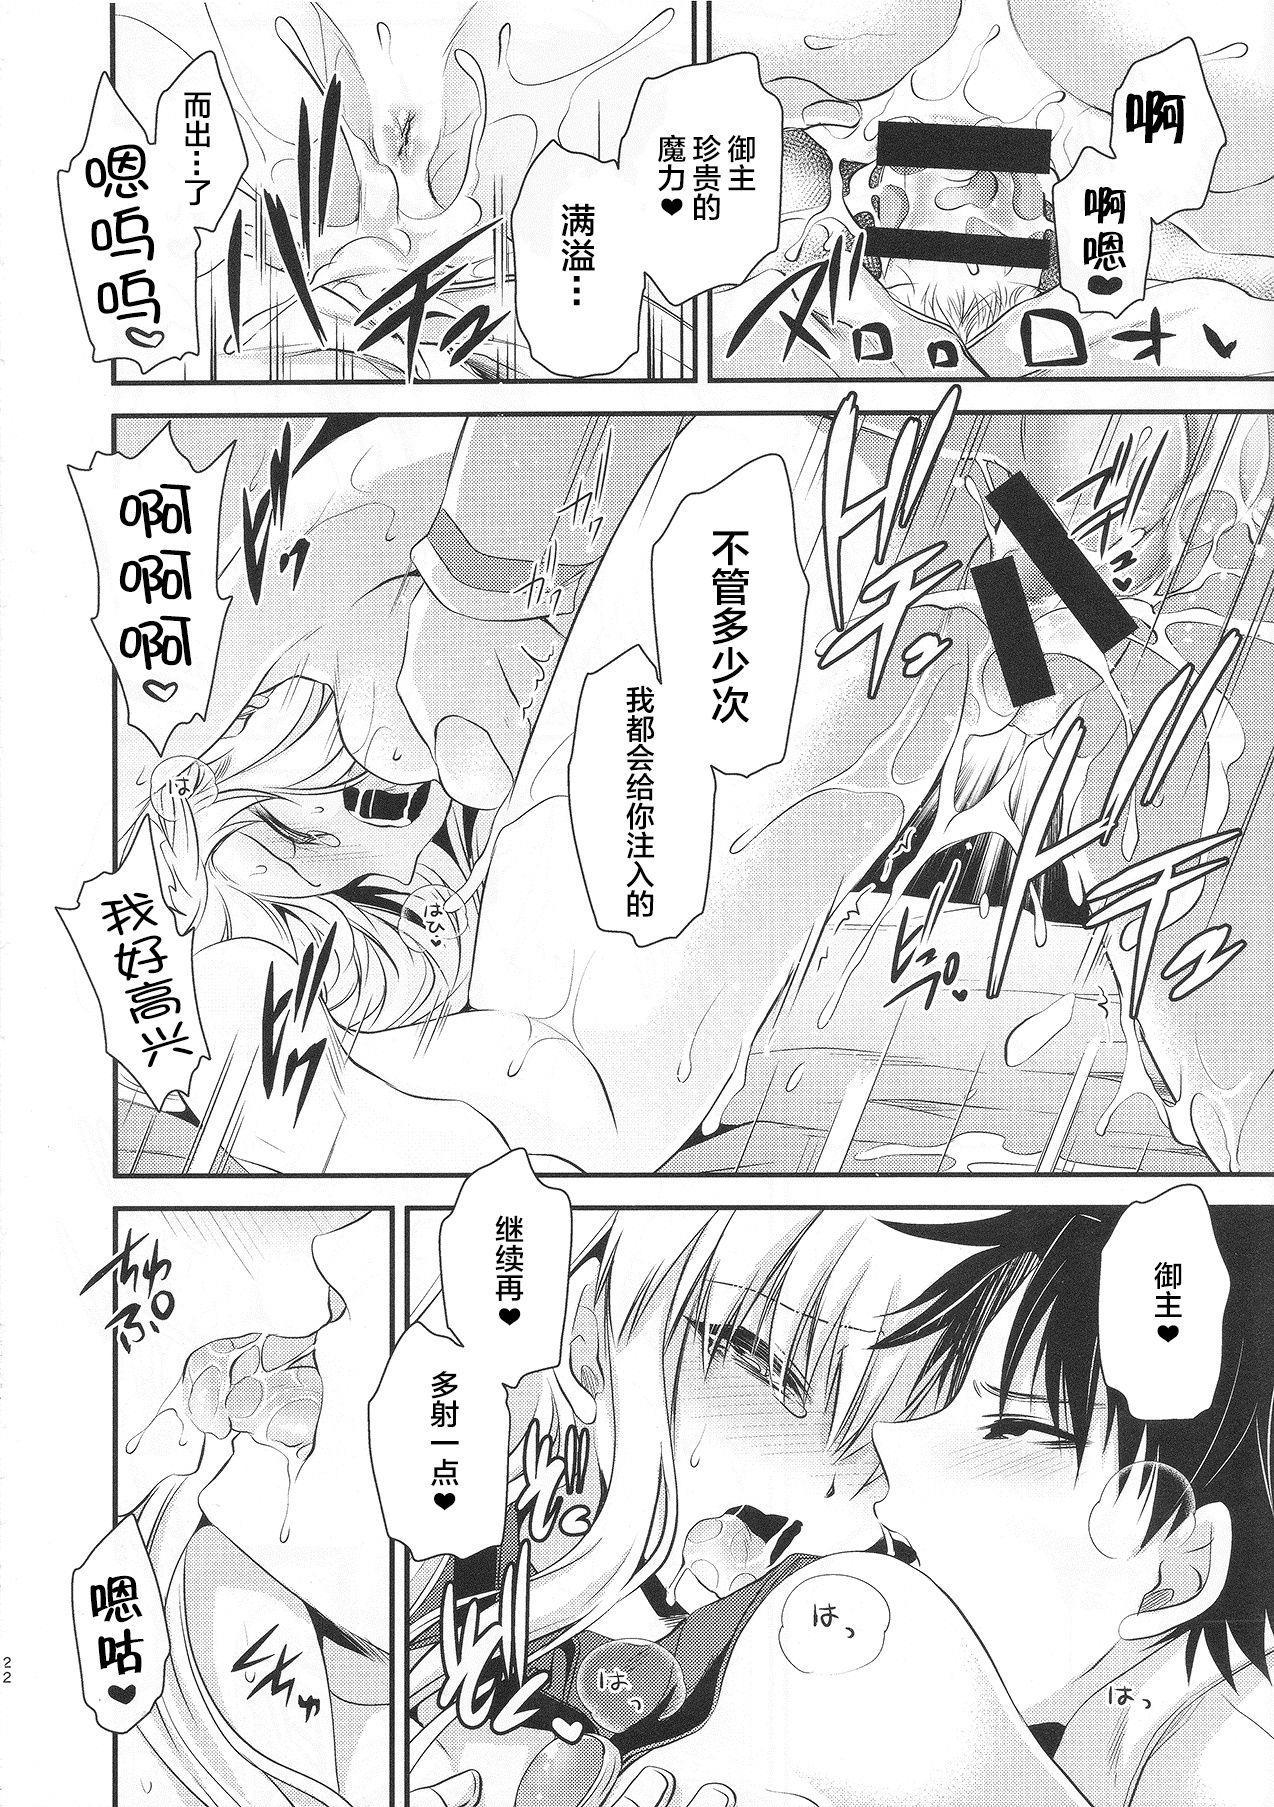 Uwasa no Are o Kokuin Shite Mimashita 22